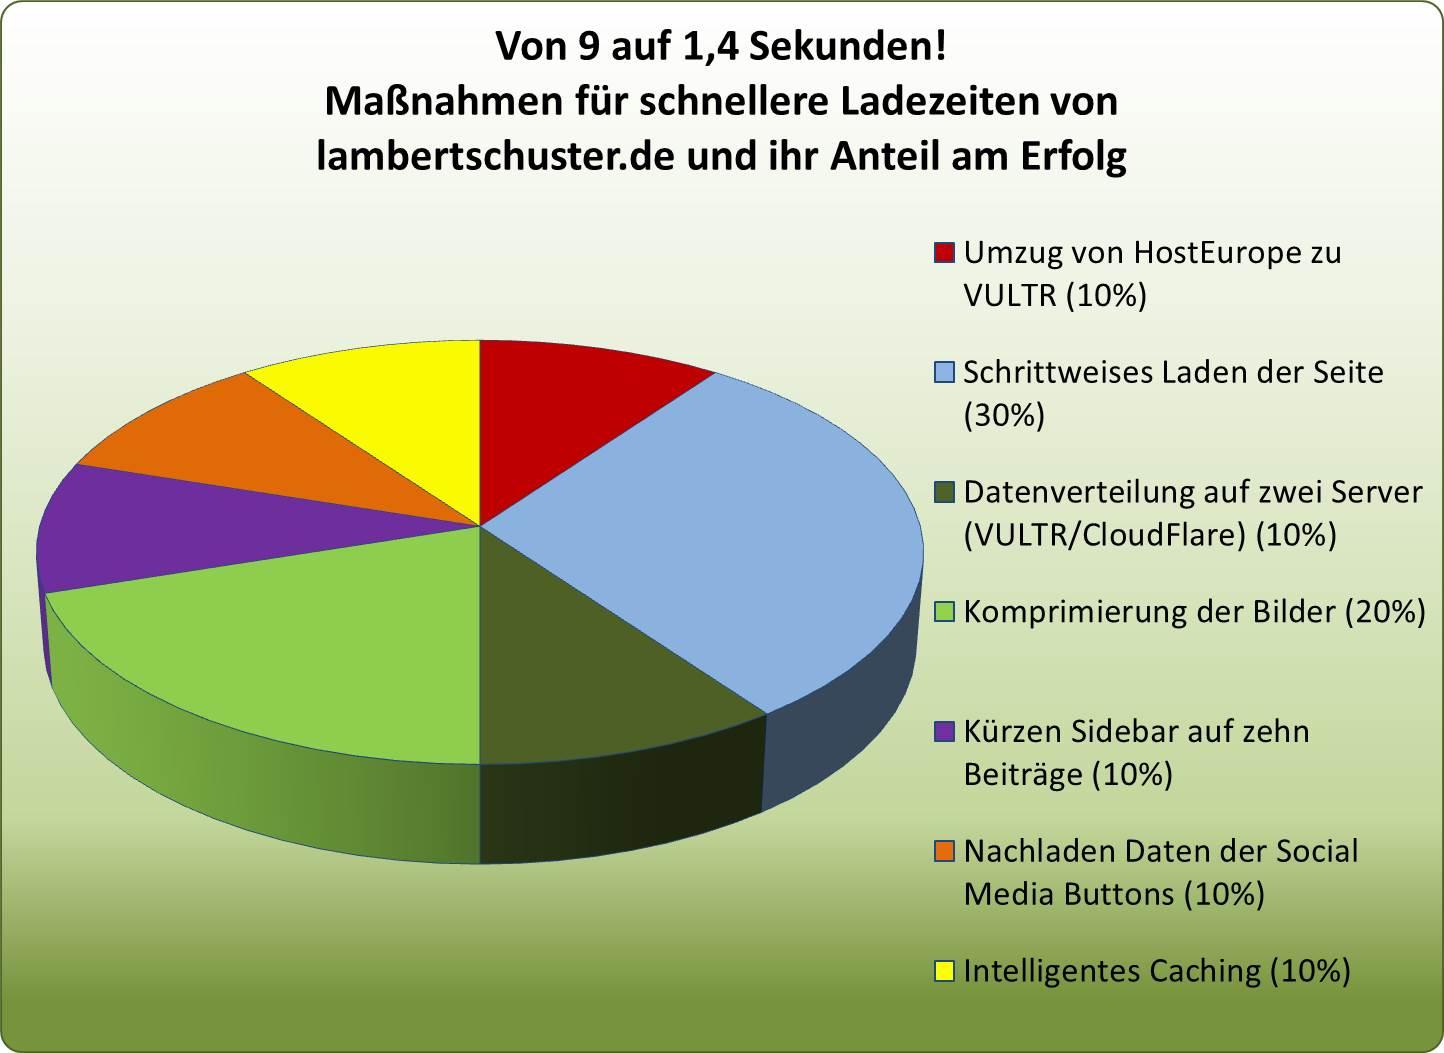 Schnelle Ladenzeiten von 9 auf 1,4 Sekunden mit vielen Einzelmaßnahmen bei lambertschuster.de